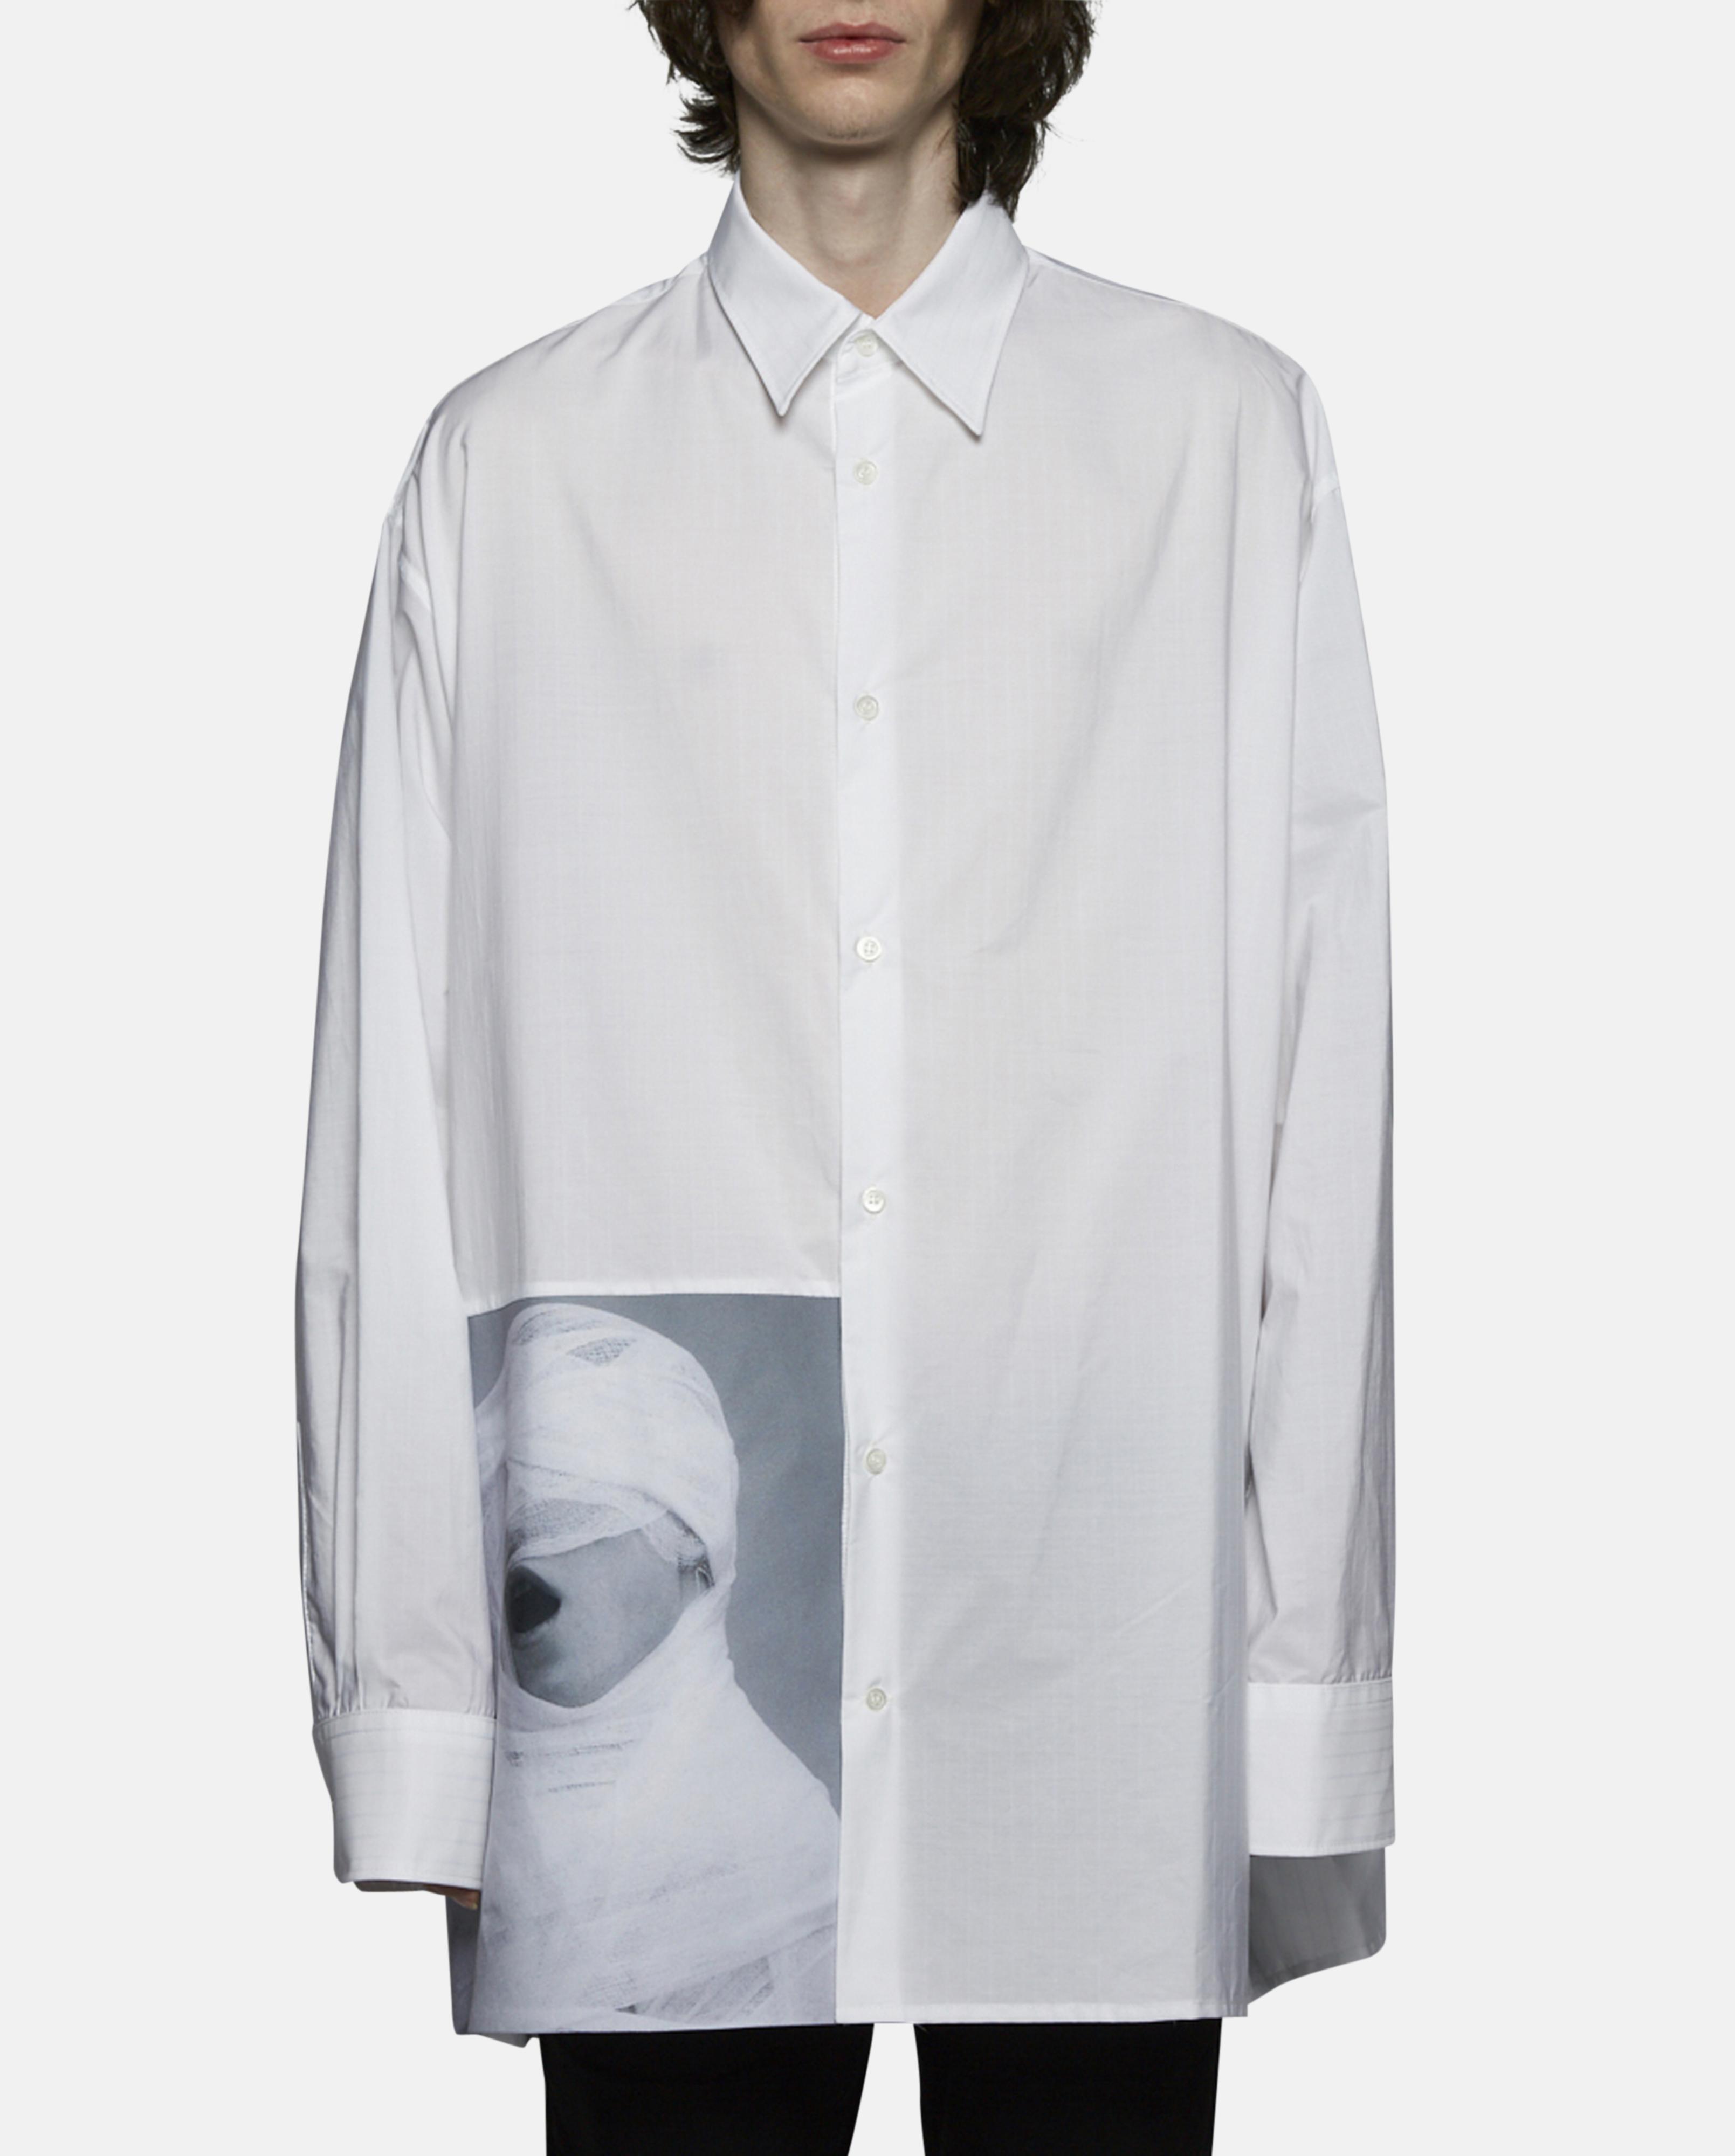 Raf simons oversized white gauze shirt in white for men lyst for Raf simons robert mapplethorpe shirt